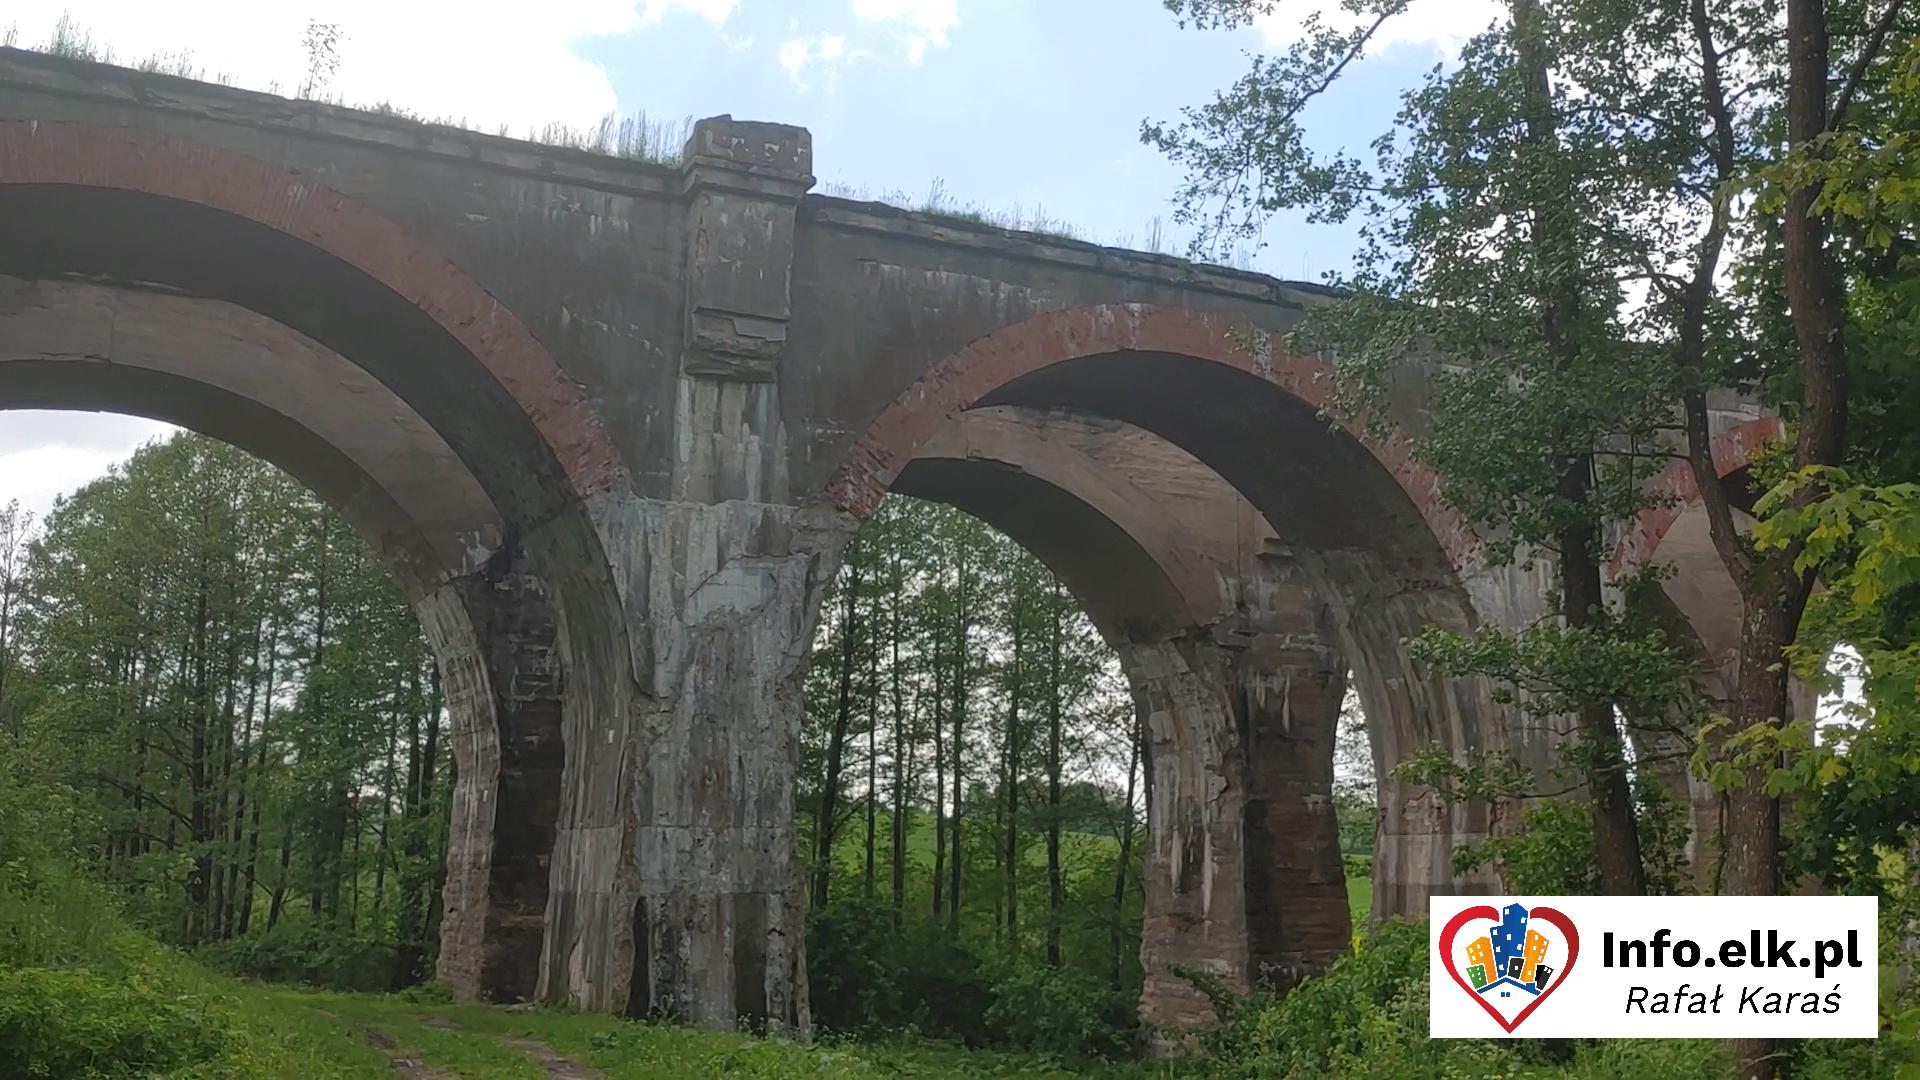 atrakcje mazur, mosty Kiepojcie, mosty stańczyki, Rafał Karaś